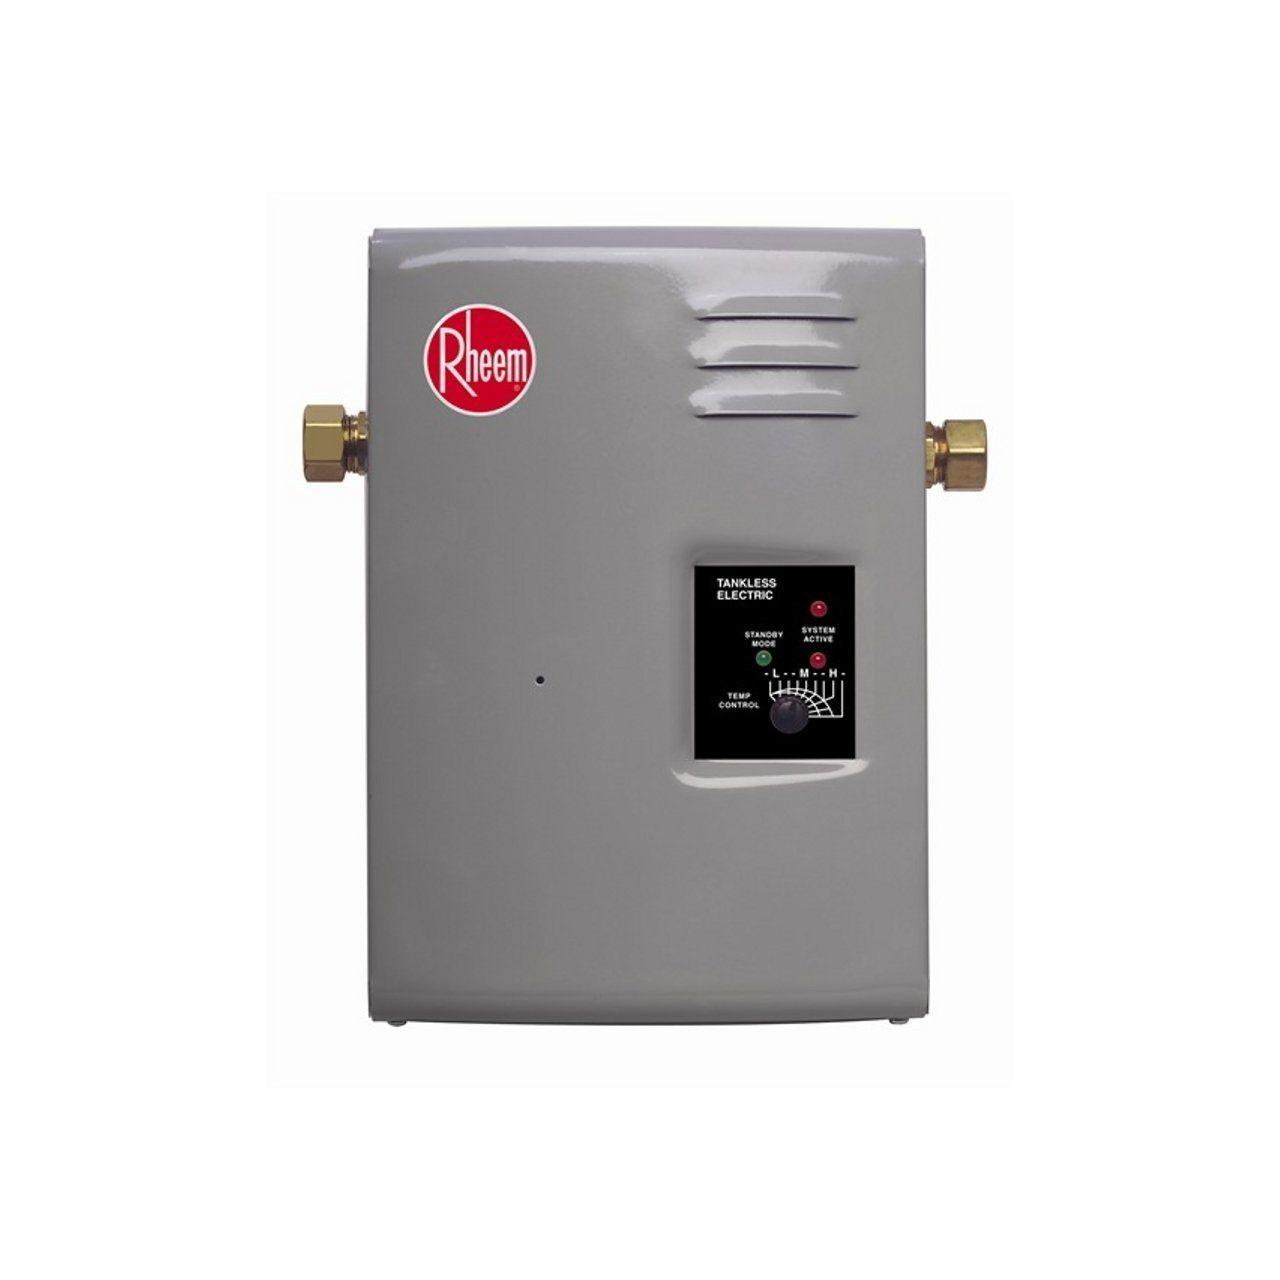 Rheem RTE 9 Electric Tankless Water Heater 3 GPM Amazoncom